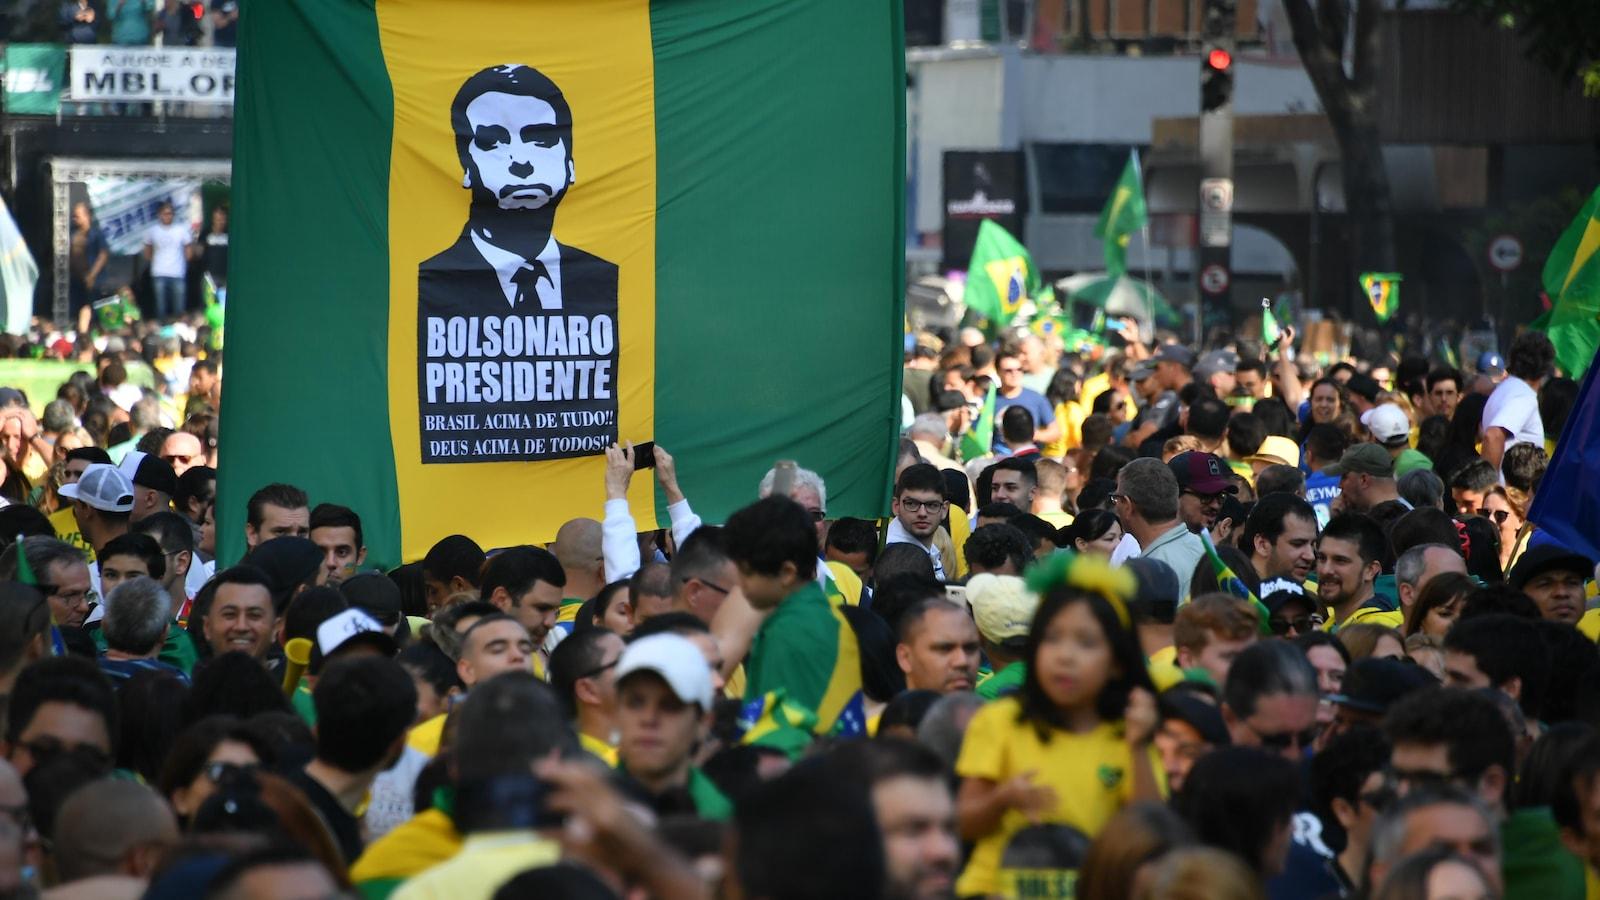 Des supporters de M. Bolsonaro tiennent une pancarte sur laquelle est écrit : « Bolsonaro président ».